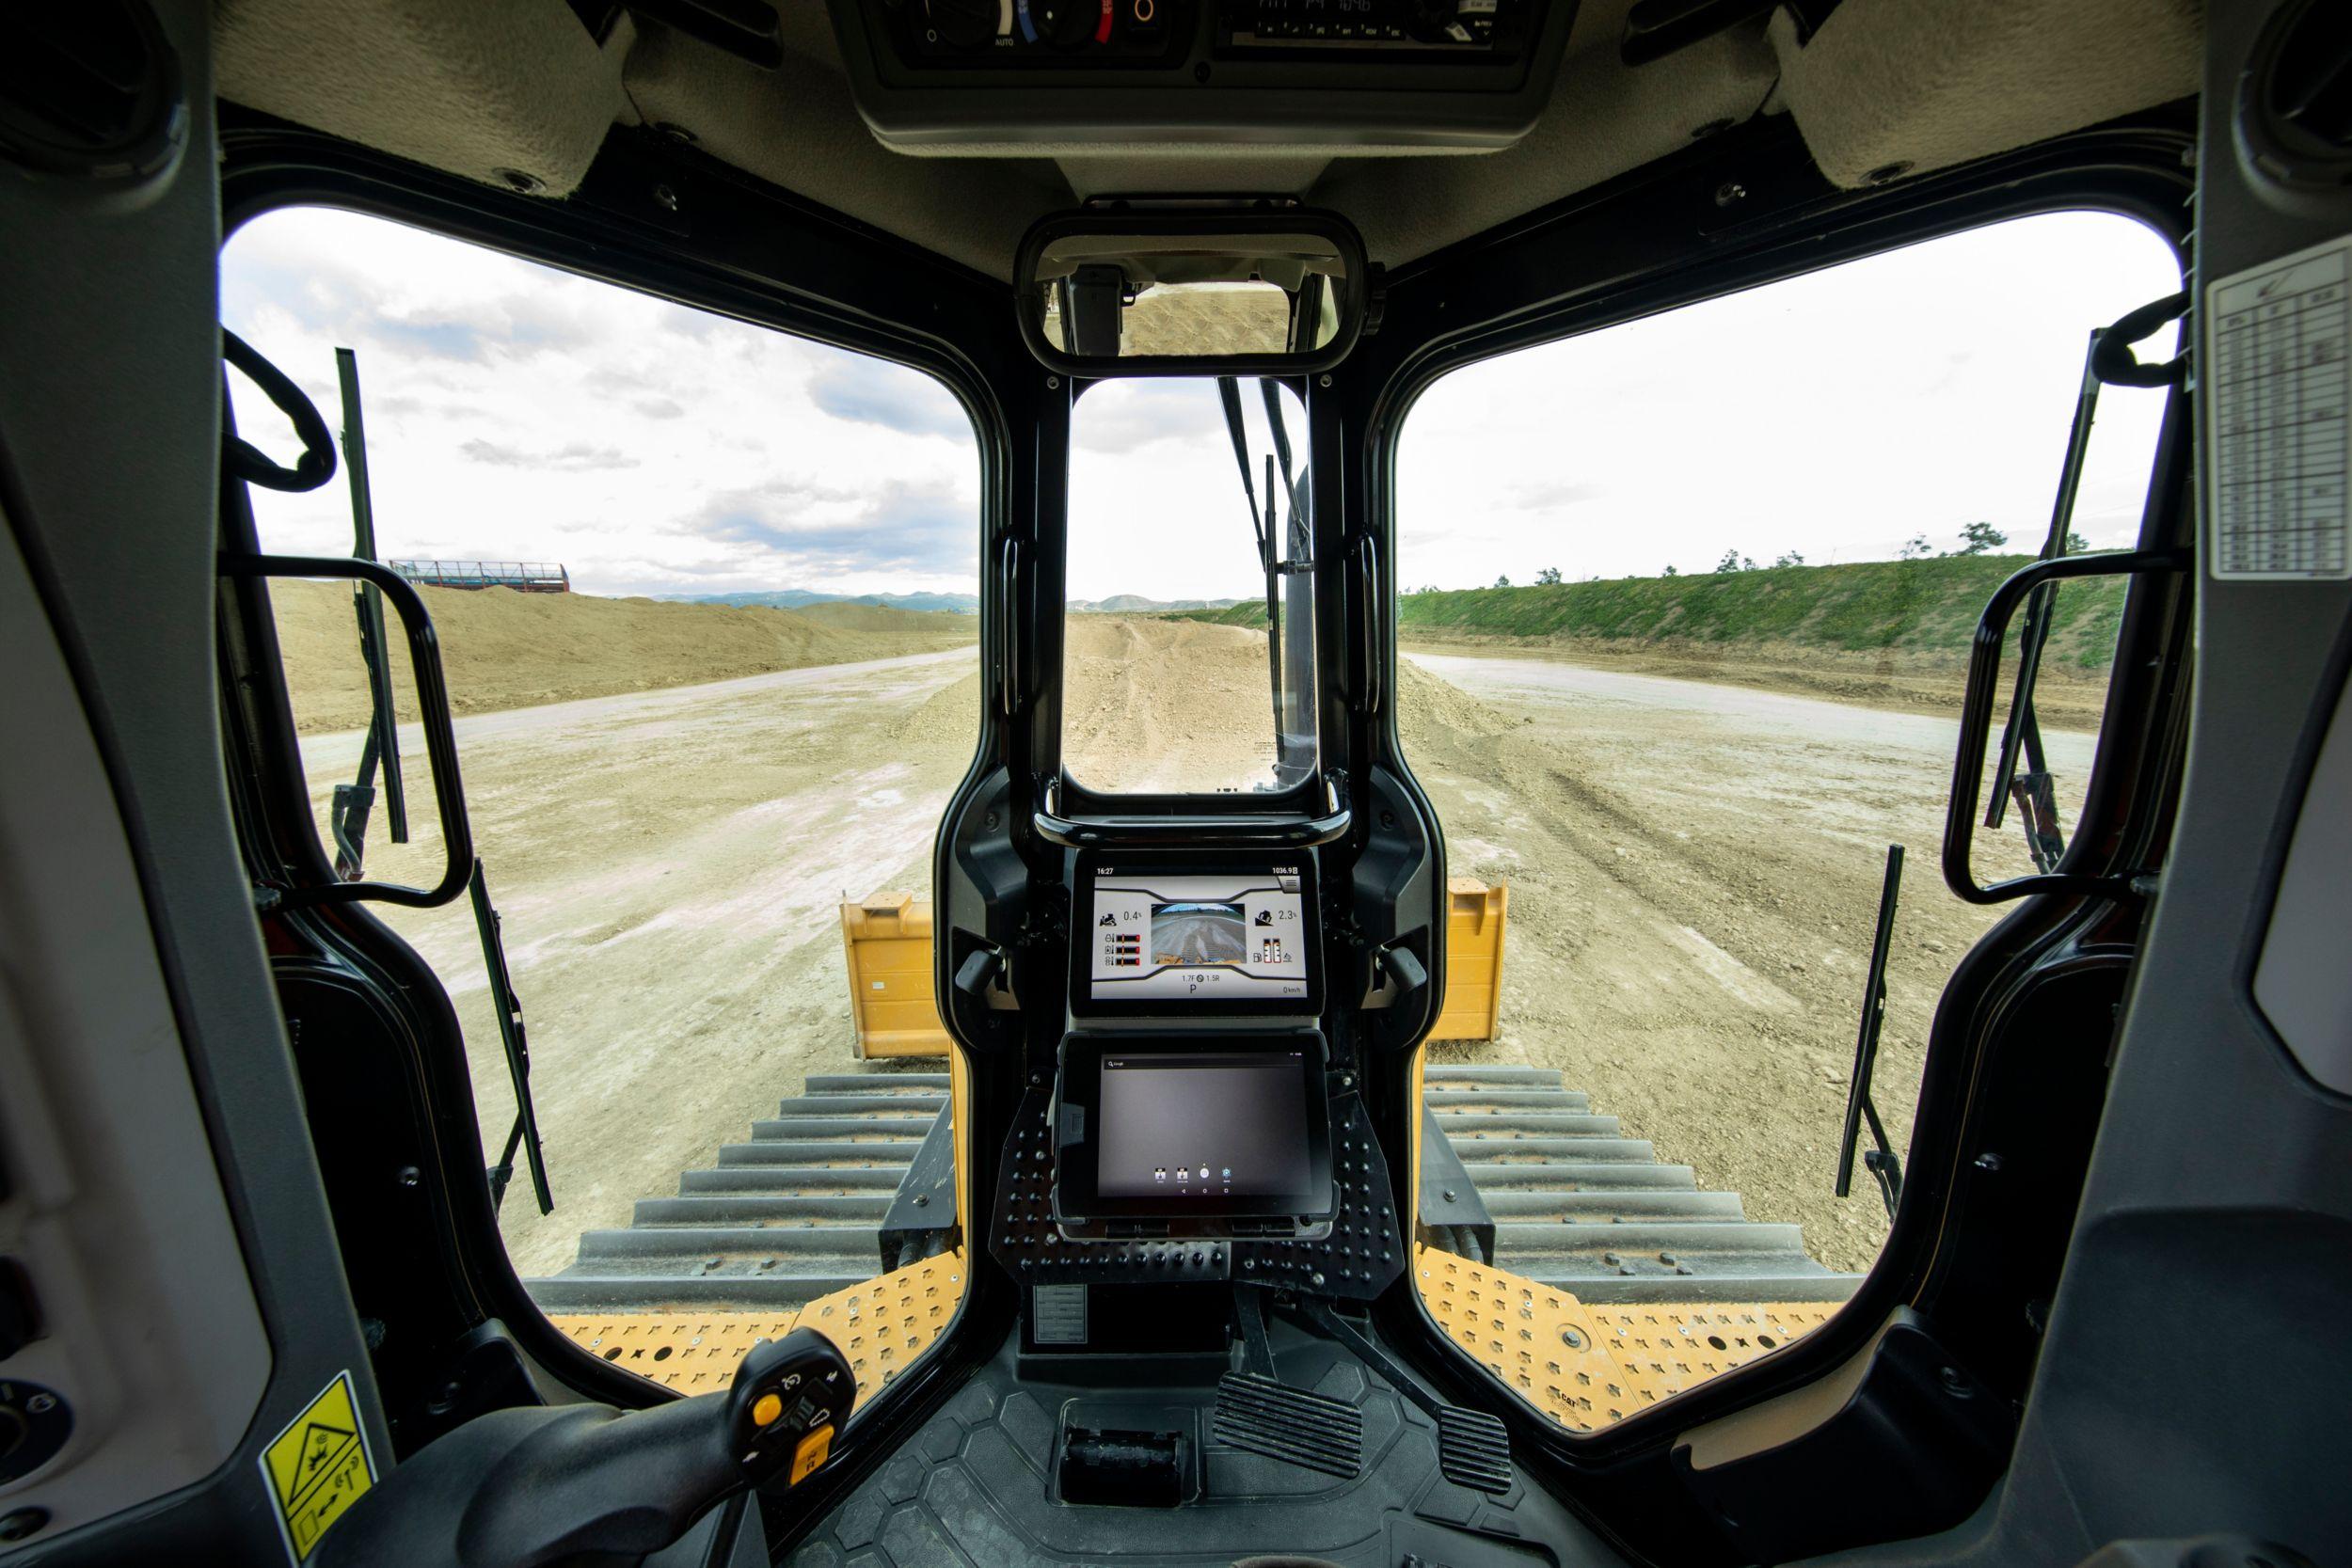 Cabina espaciosa del tractor topador D5